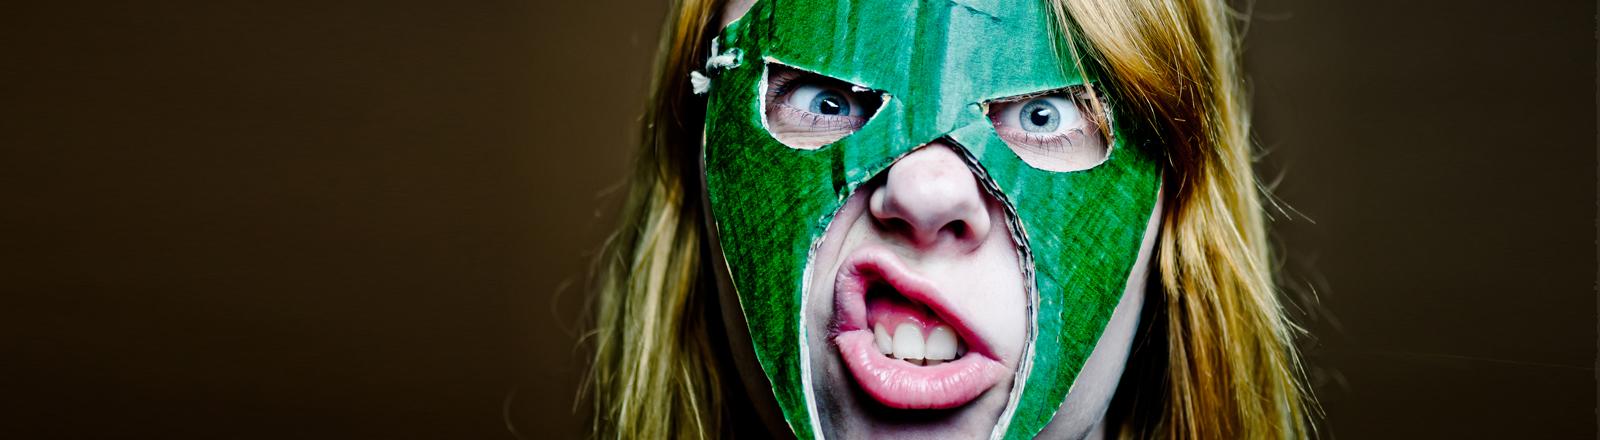 Eine Frau trägt eine Maske sieht aus wie eine Superheldin oder eine Wrestlerin.